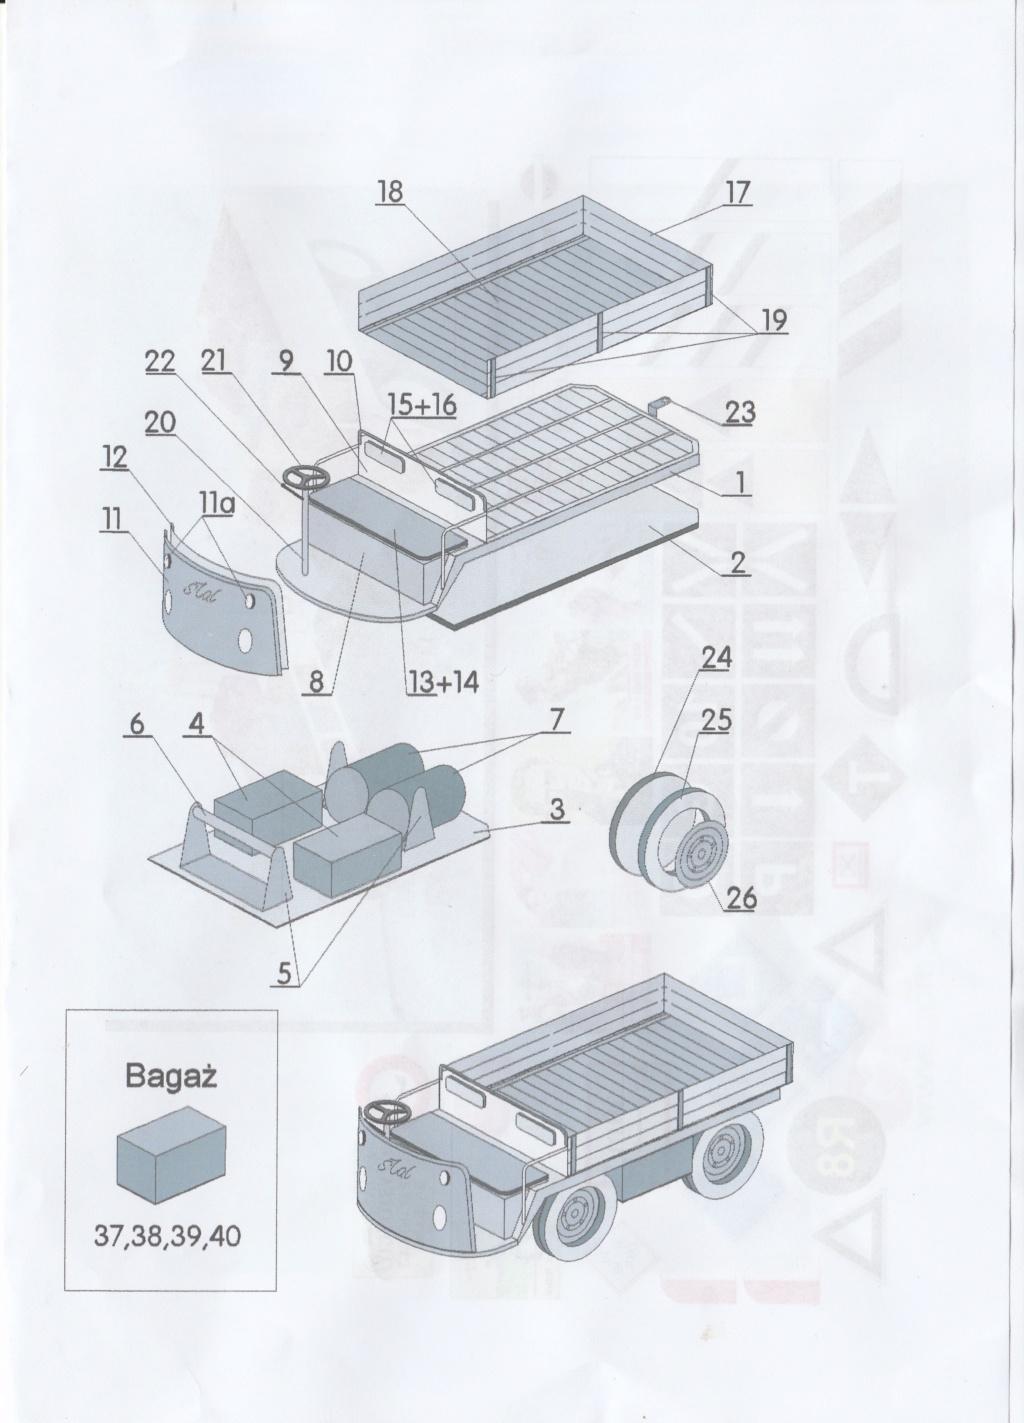 AKUMULATOROWY - Lasergut gebaut von Klausgrimma Img_2211